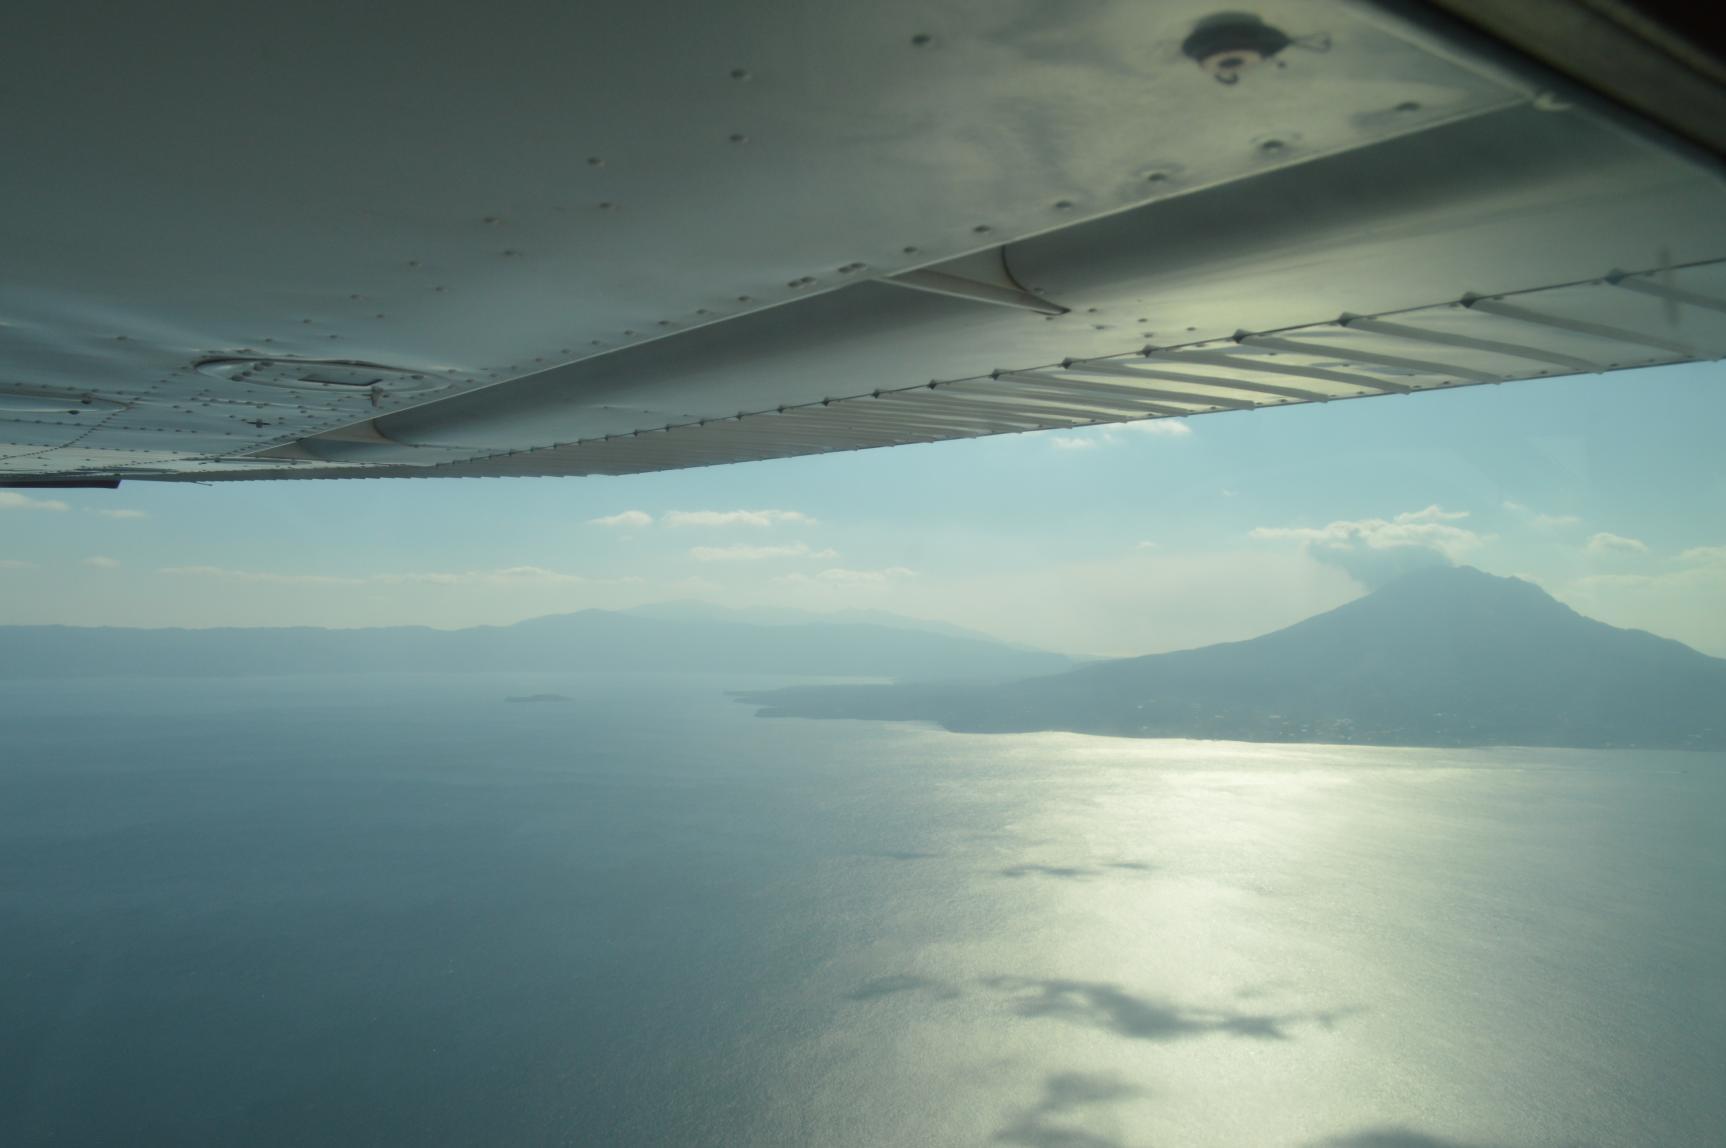 いざ、鹿児島の大空へ!パノラマの景色を楽しもう-7